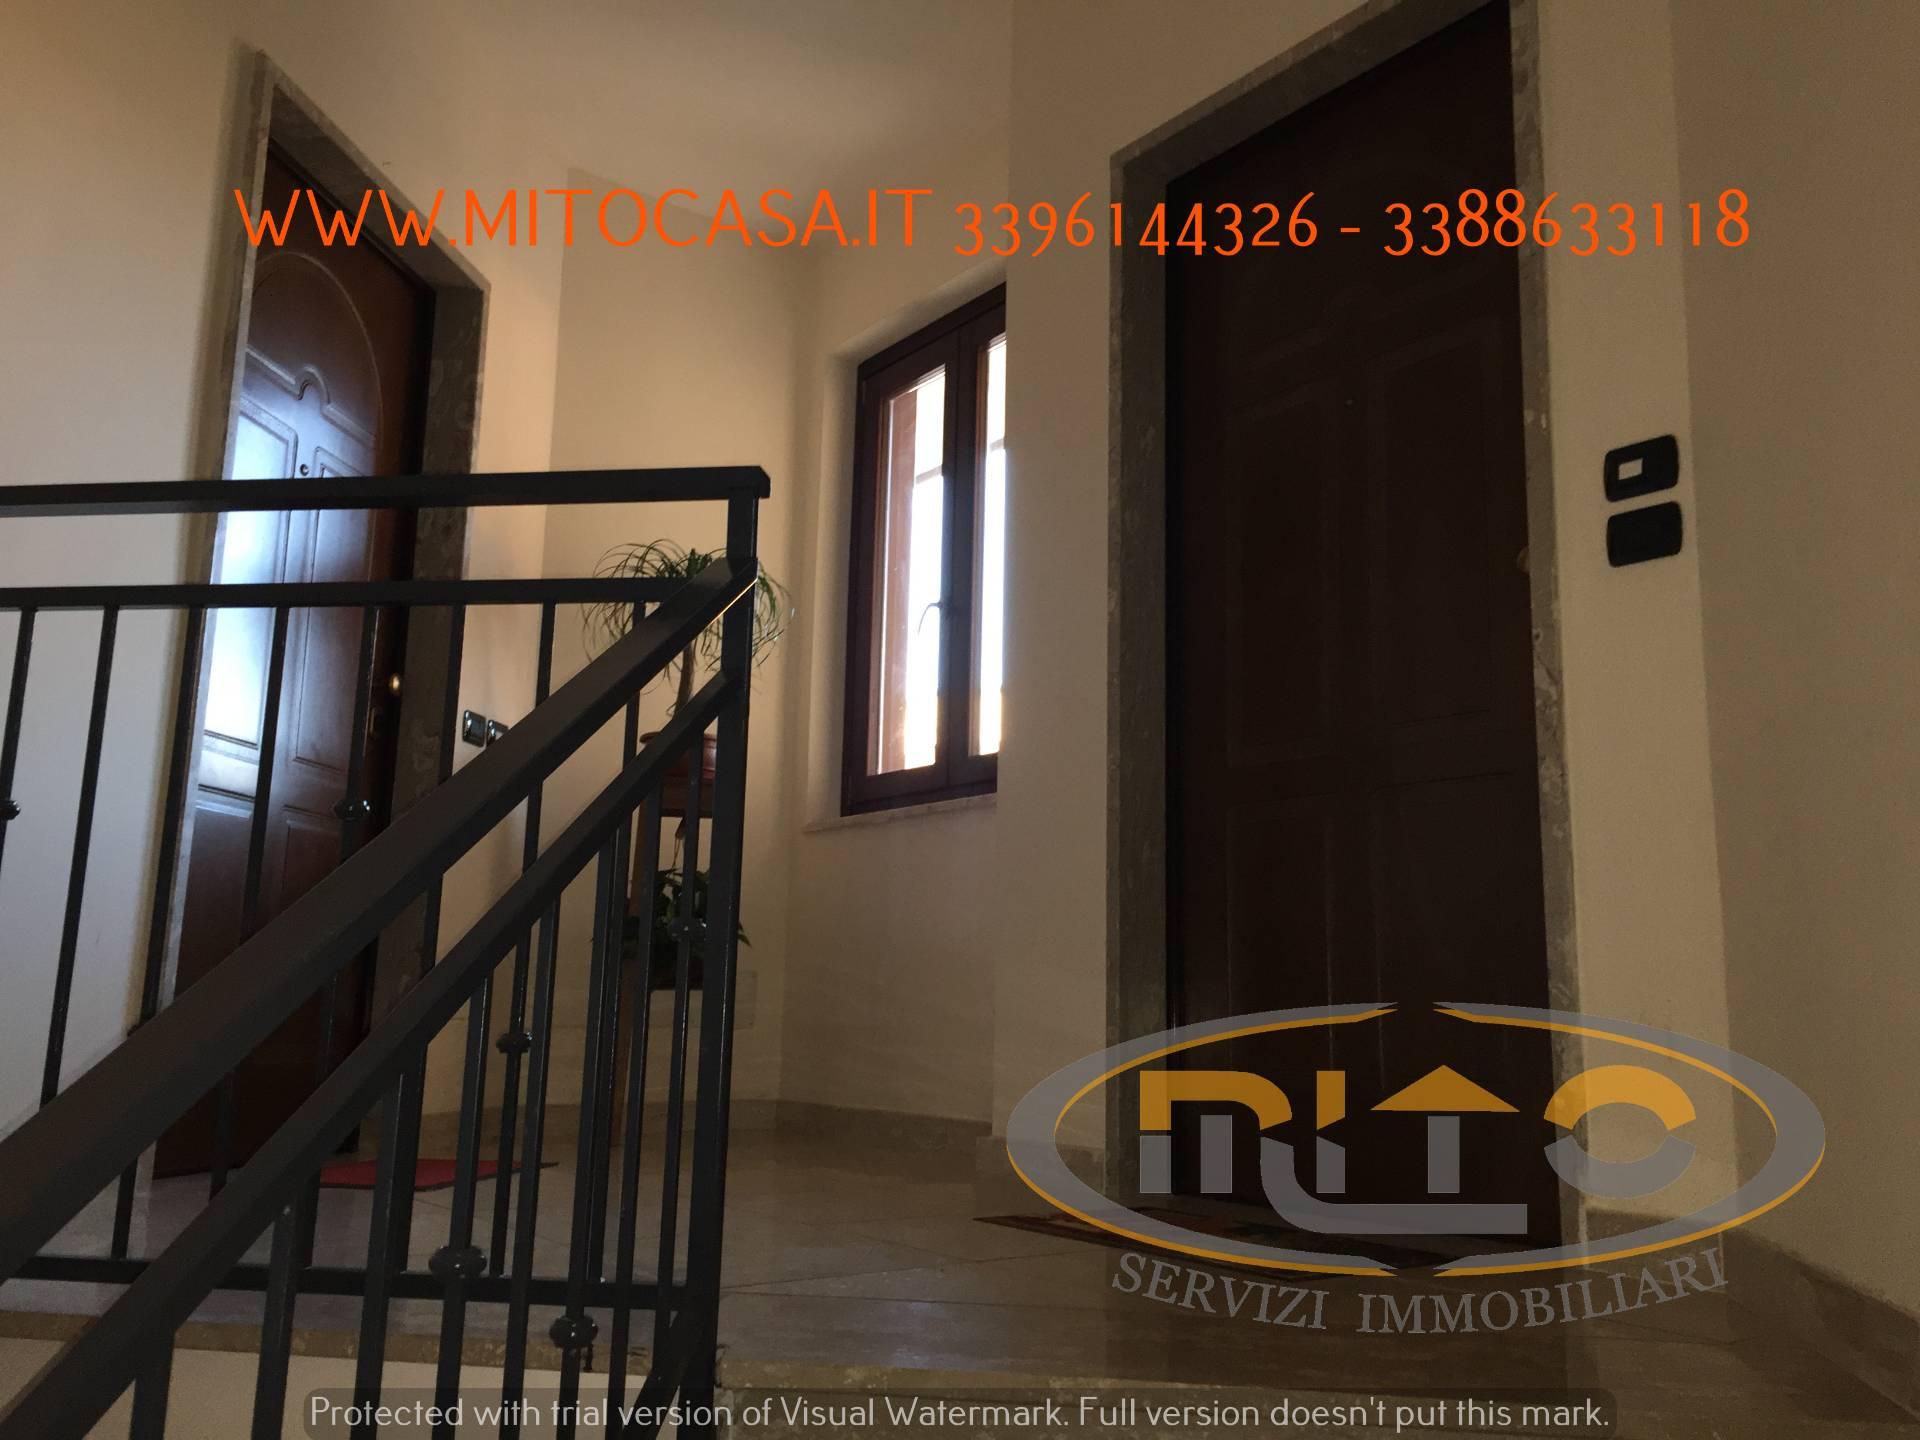 Appartamento in vendita a Telese Terme, 4 locali, prezzo € 90.000 | CambioCasa.it